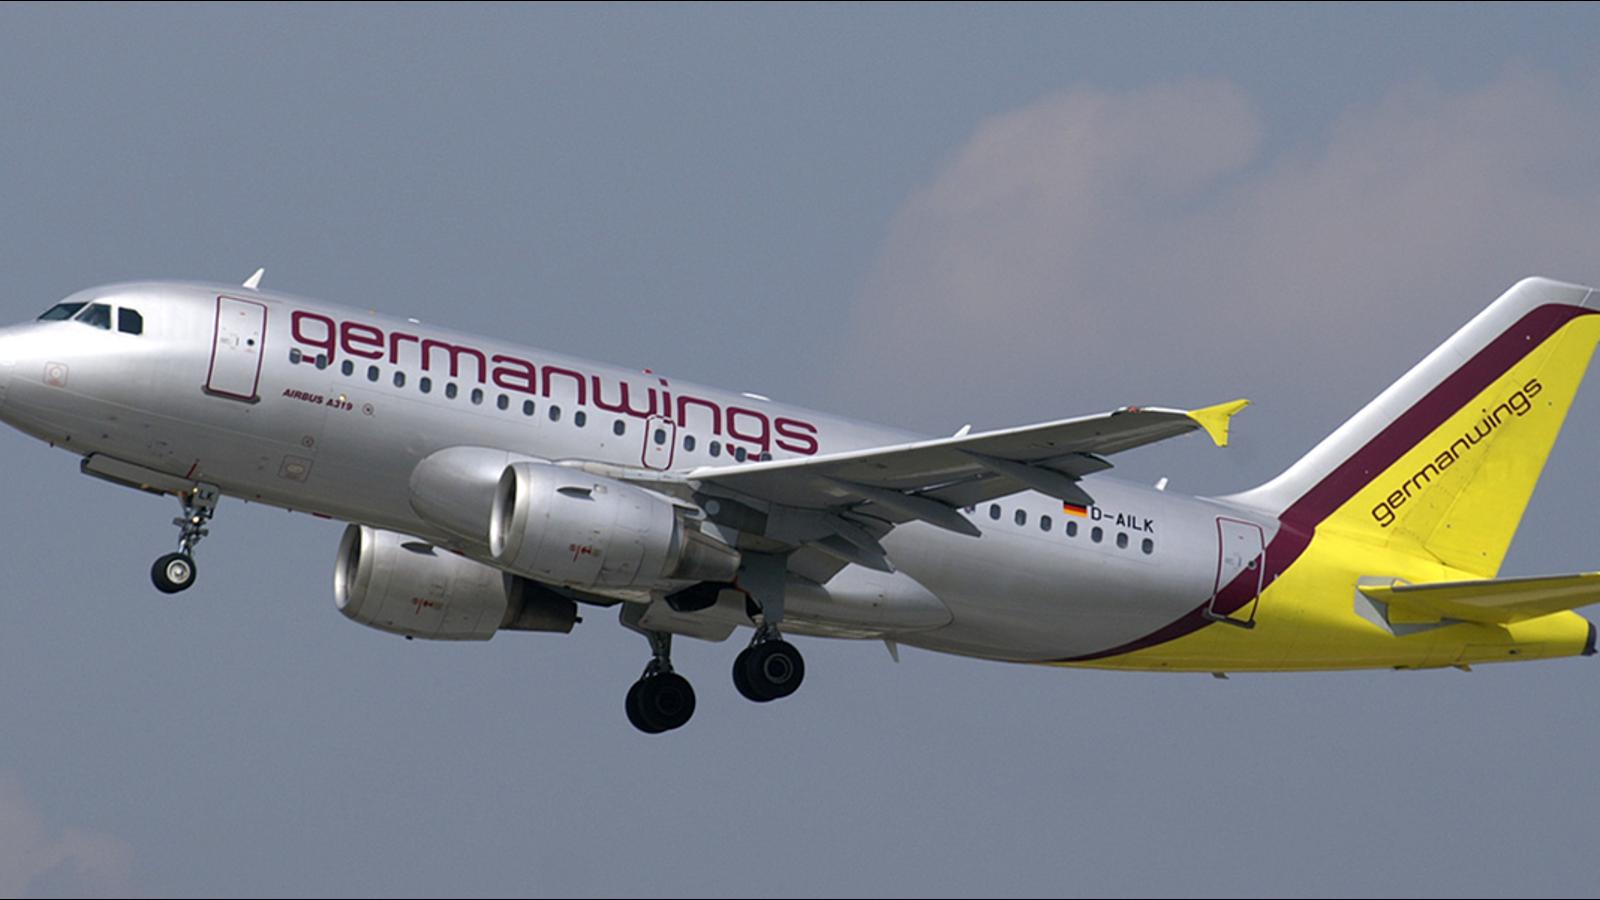 Se estrella en Francia un avión con 150 personas que partió de Barcelona